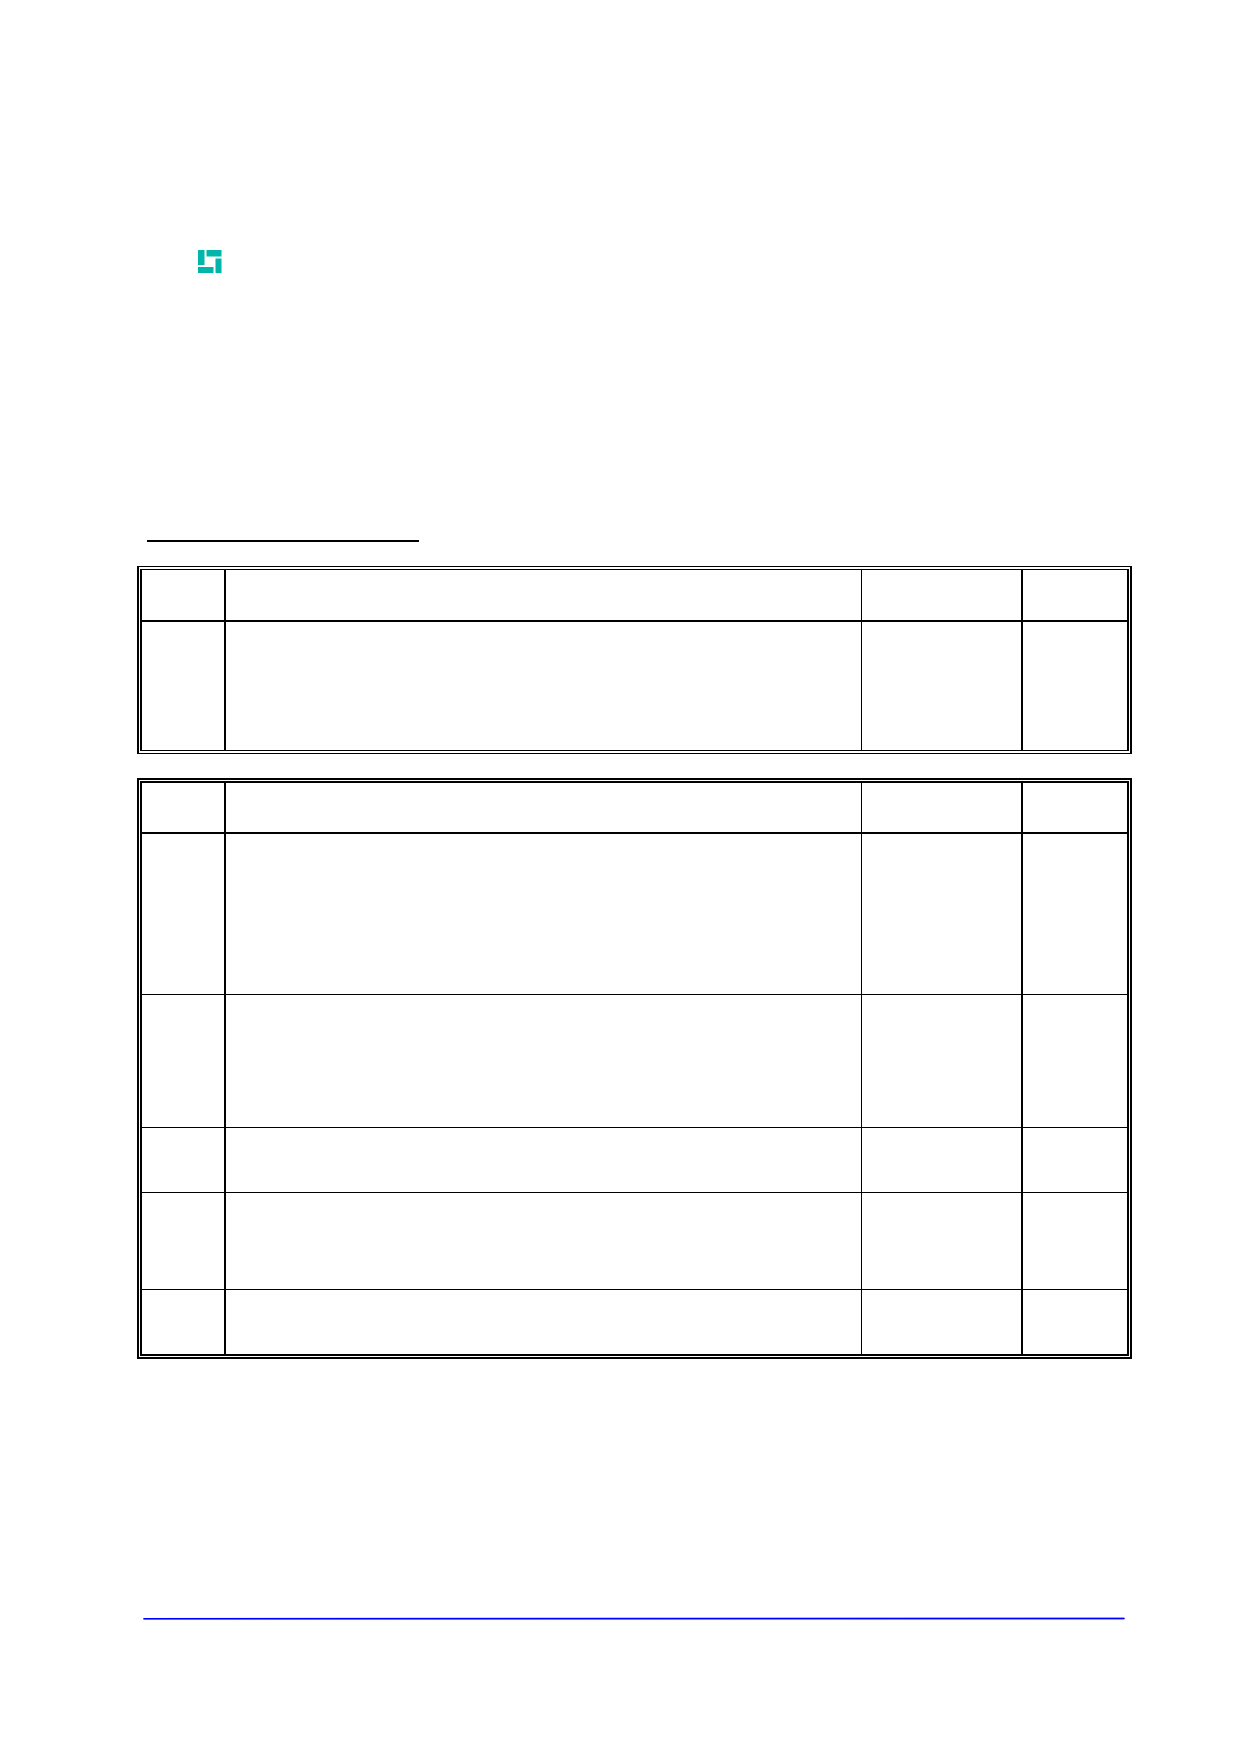 R0472YS16J datasheet